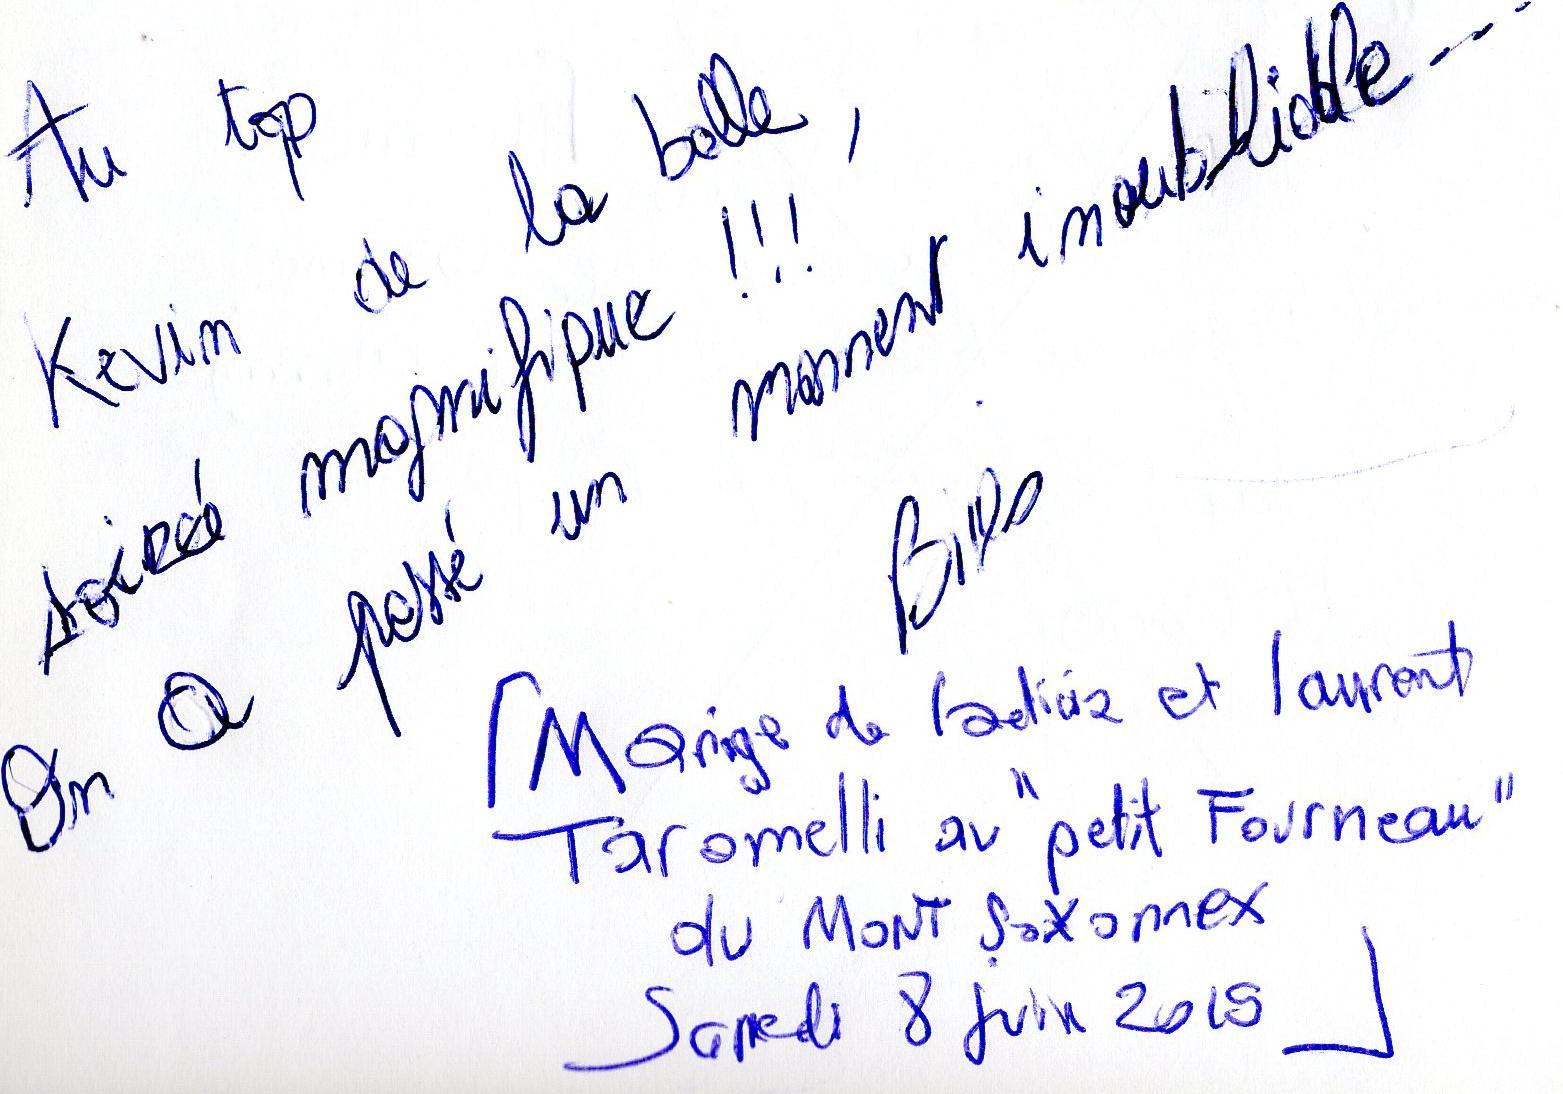 MARIAGE LAETITIA & LAURENT TARAMELLI au